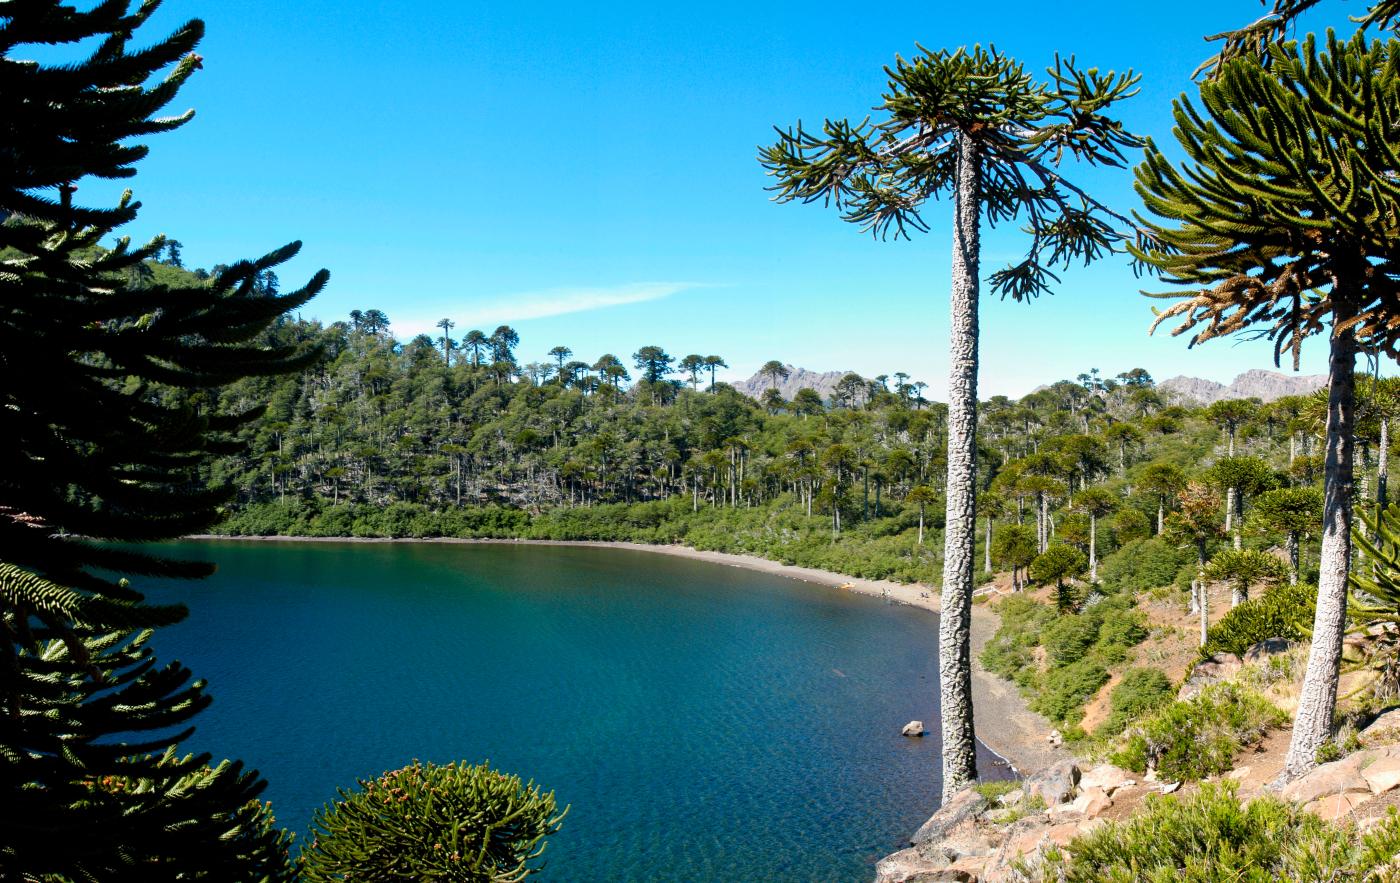 Imagen de laguna Mula en la Región del Biobío